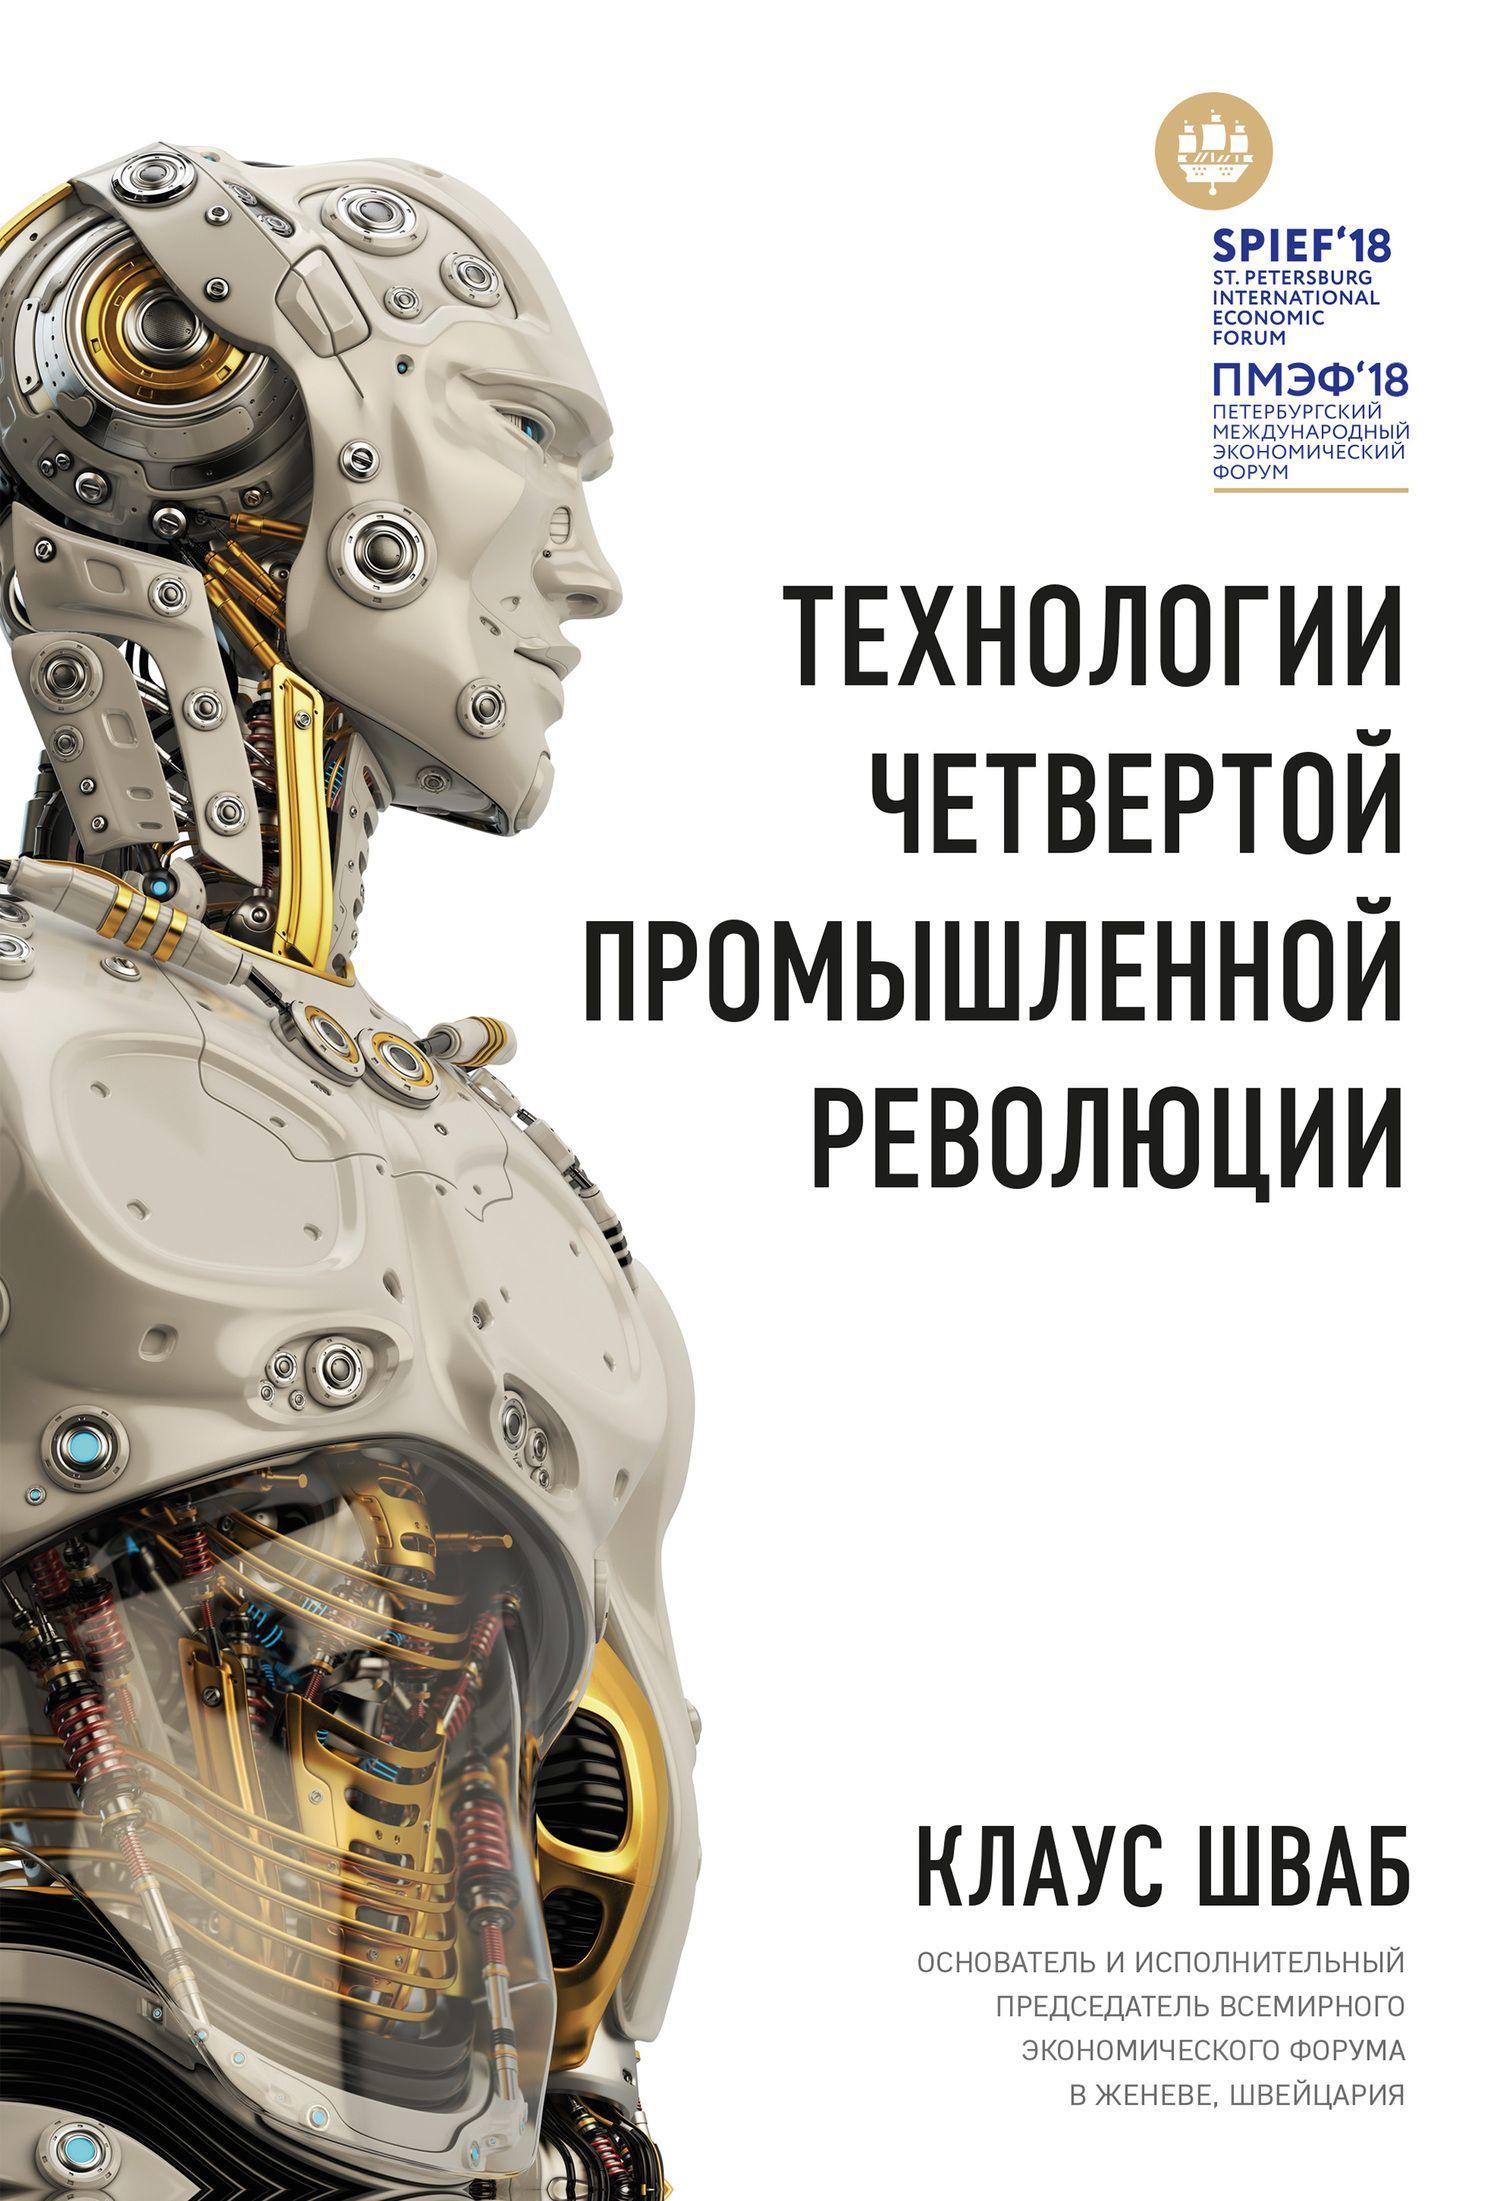 Скачать бесплатно Технологии Четвертой промышленной революции